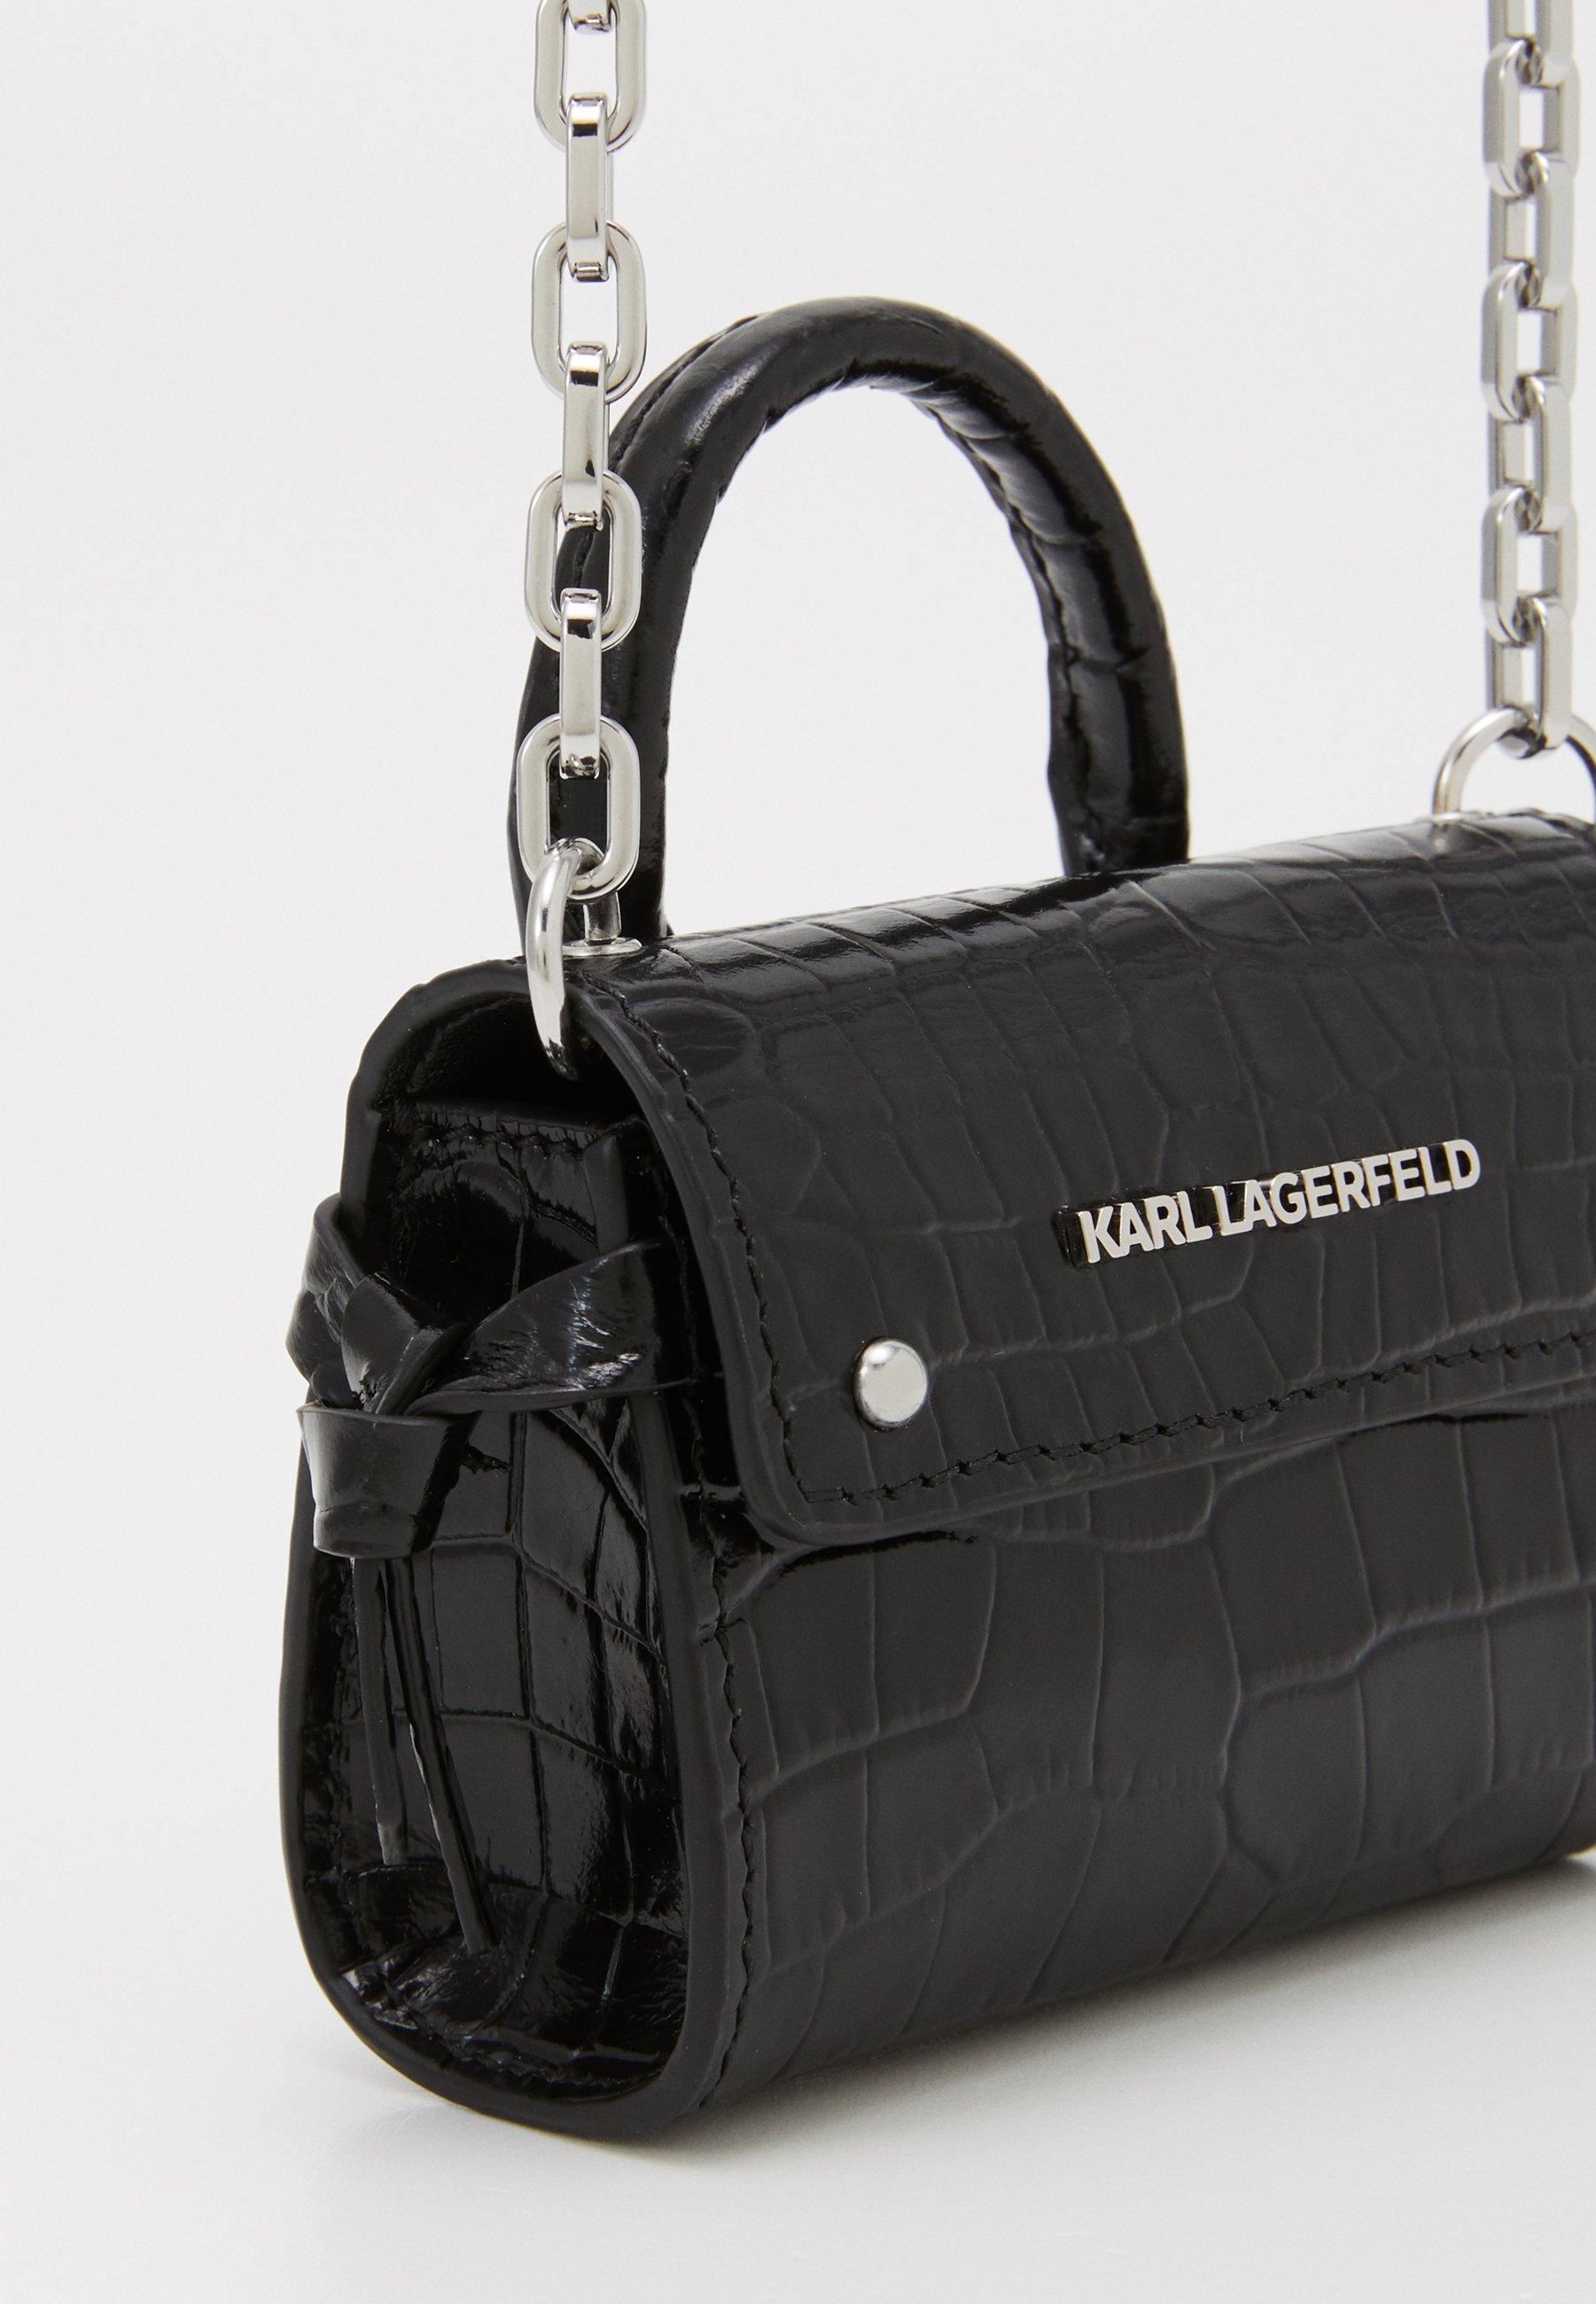 Karl Lagerfeld Ikon Nano Top Handle - Umhängetasche Black/schwarz